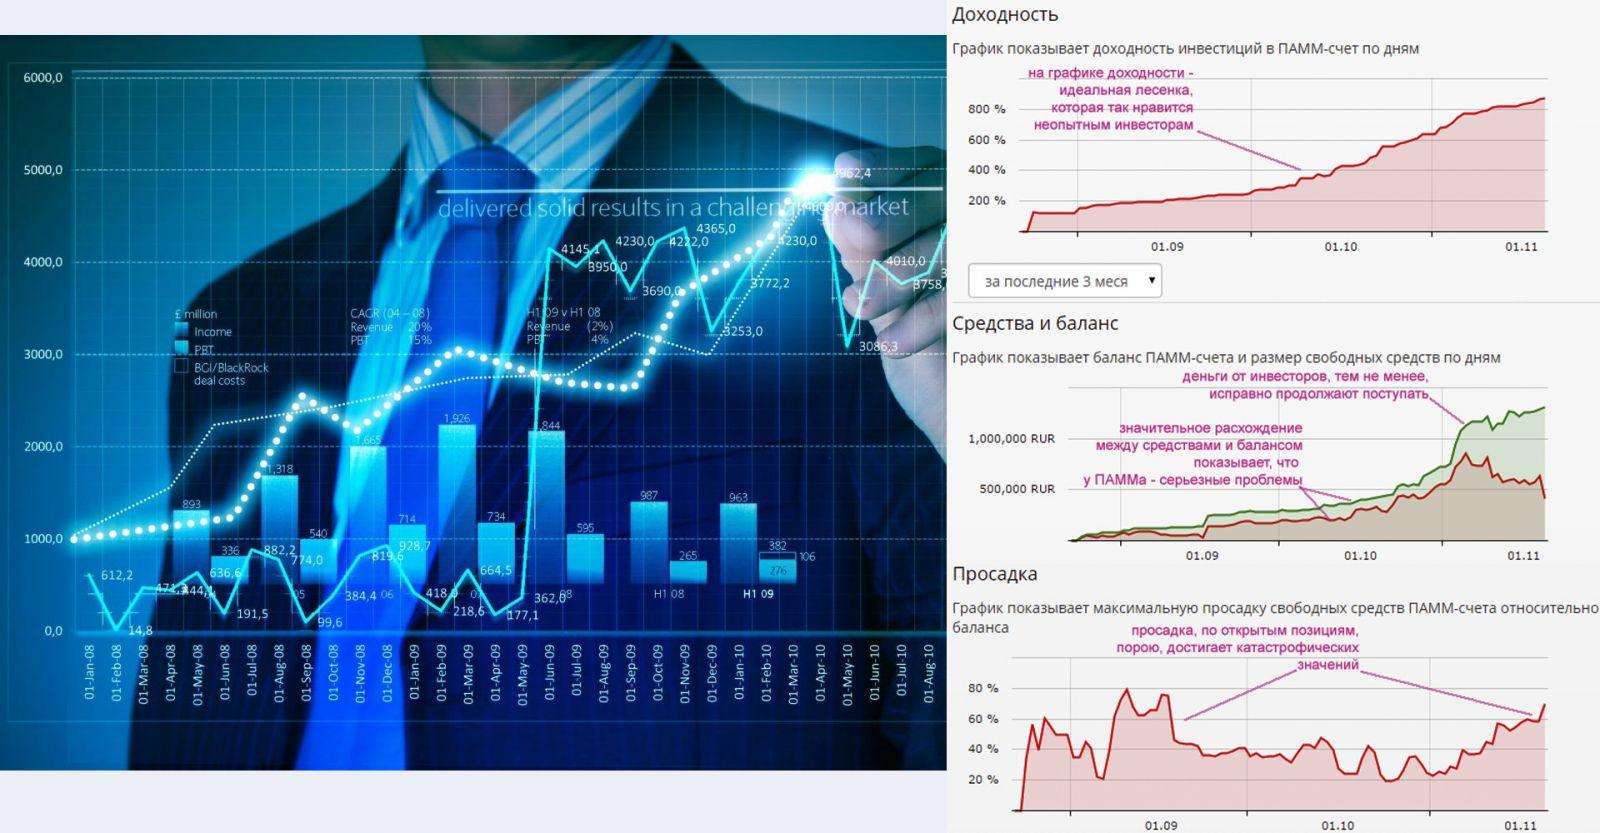 Инвестор должен внимательно проанализировать ПАММ-счёт по всем позициям